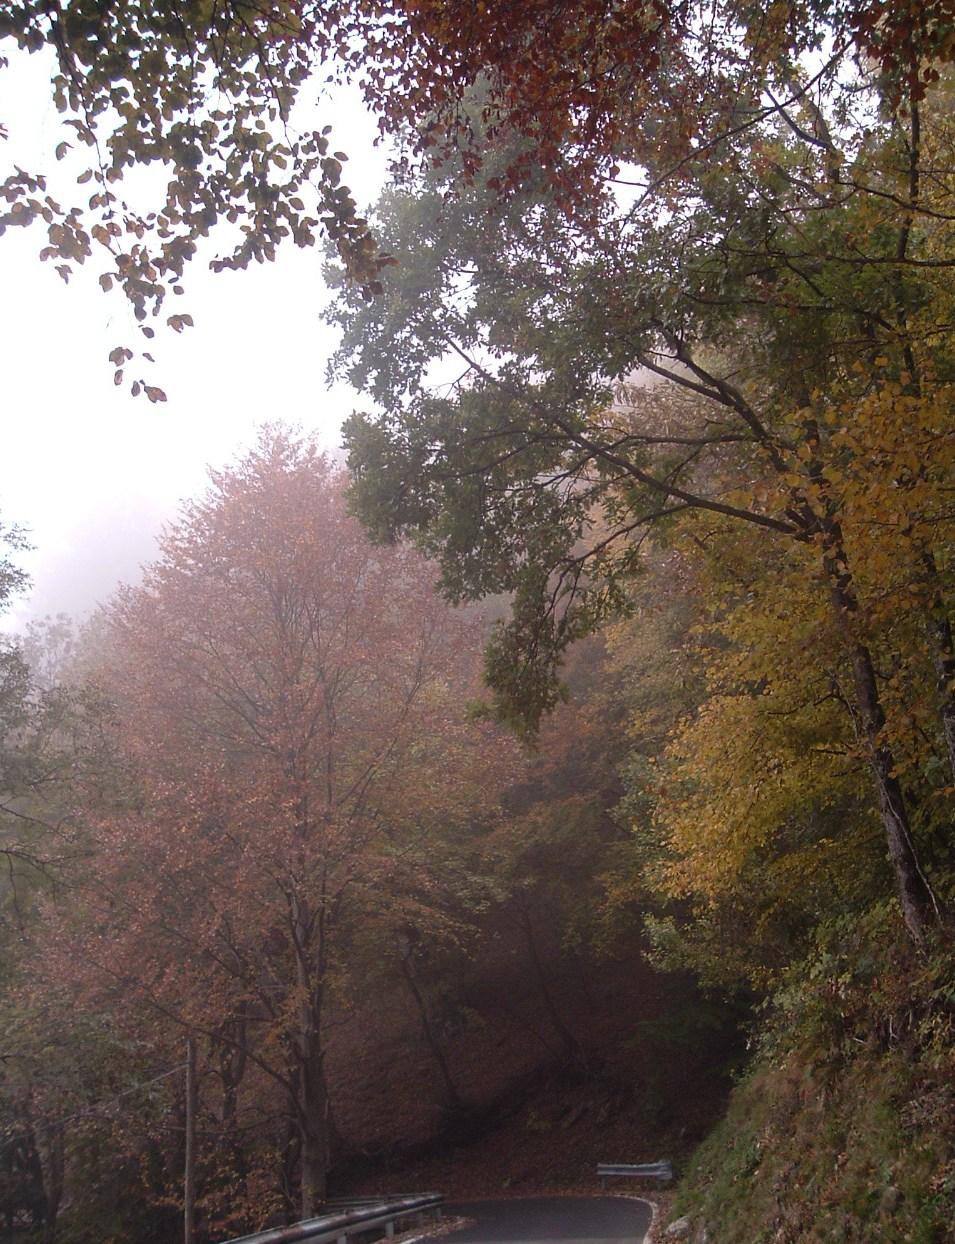 Nebbia d'autunno verso il Passo di Ganda, Altopiano Selvino Aviatico